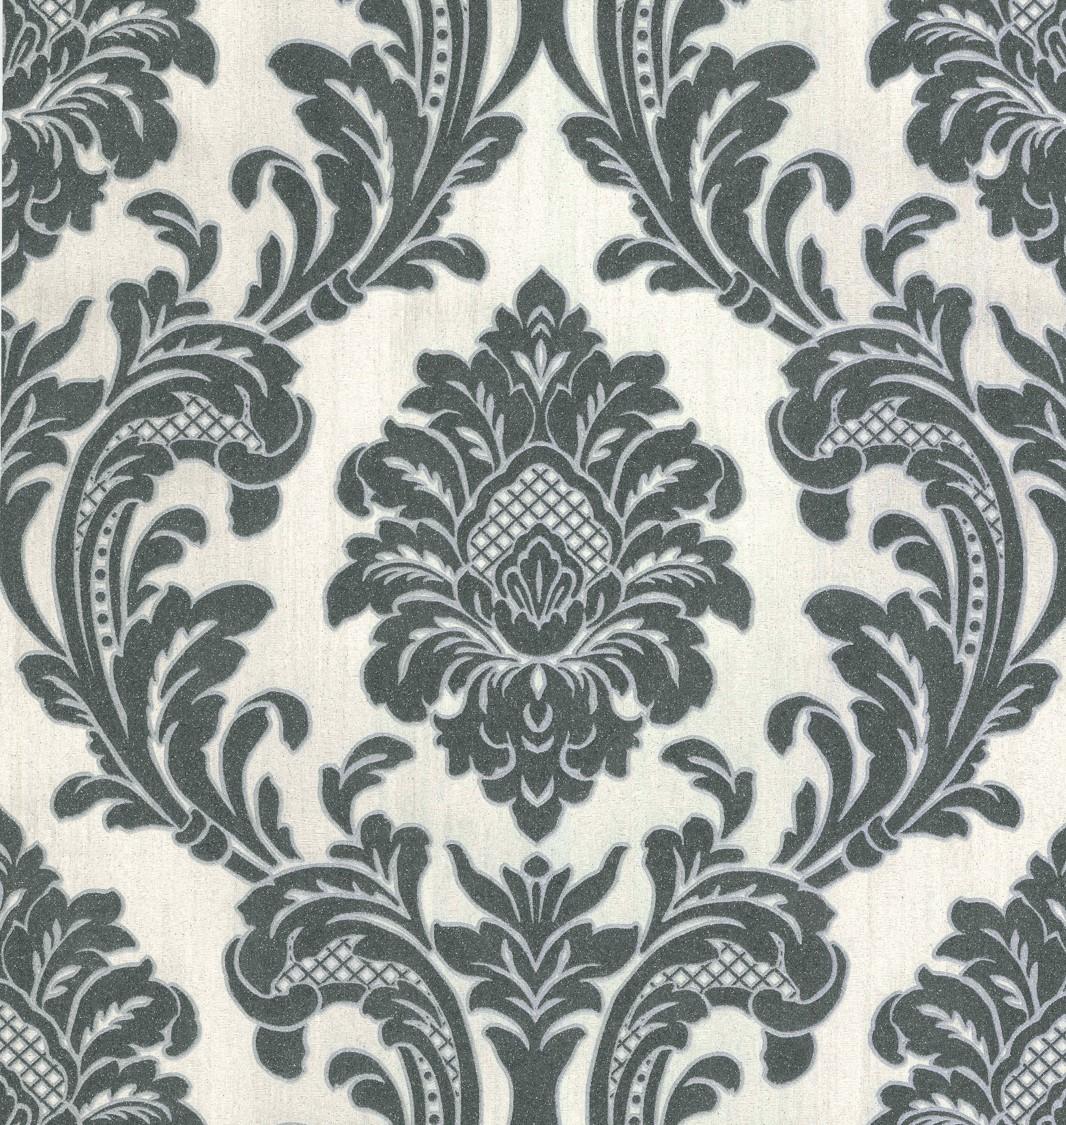 Fine decor milano 7 damask vinyl wallpaper m95584 for Black white damask wallpaper mural